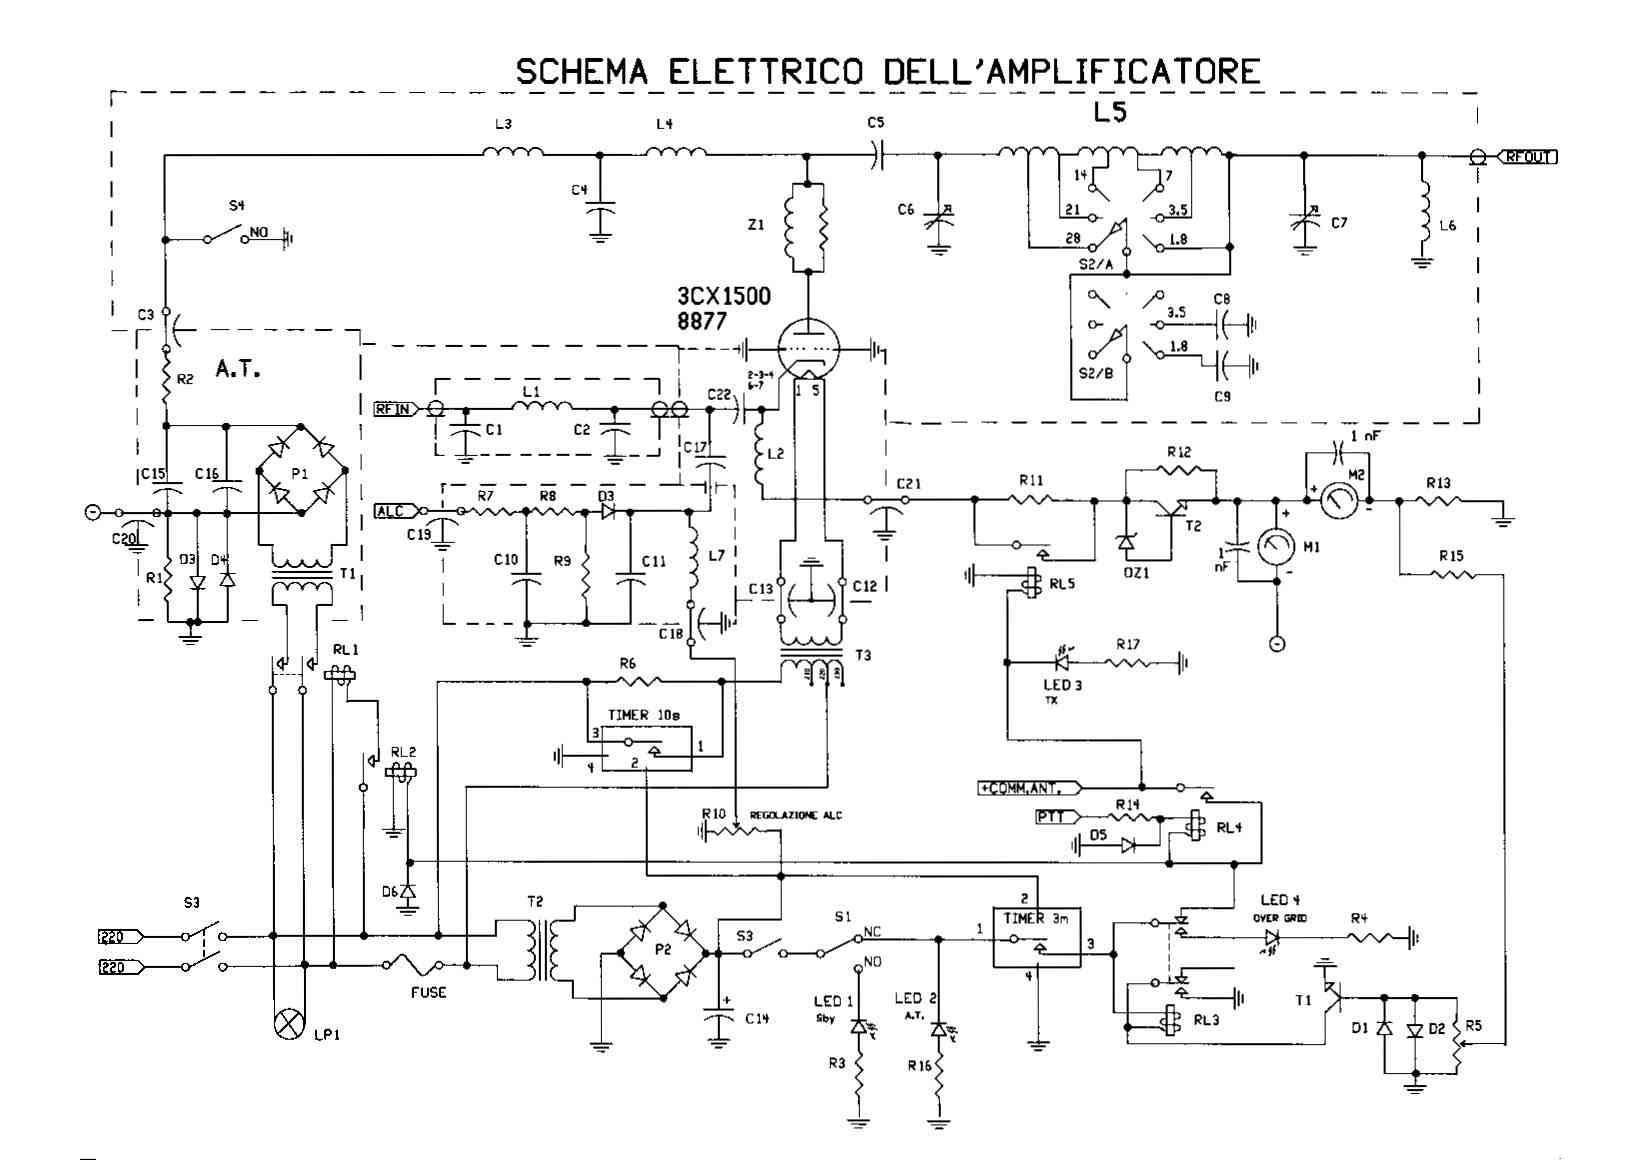 Schema Elettrico Per Fotocellula : Amplificatore